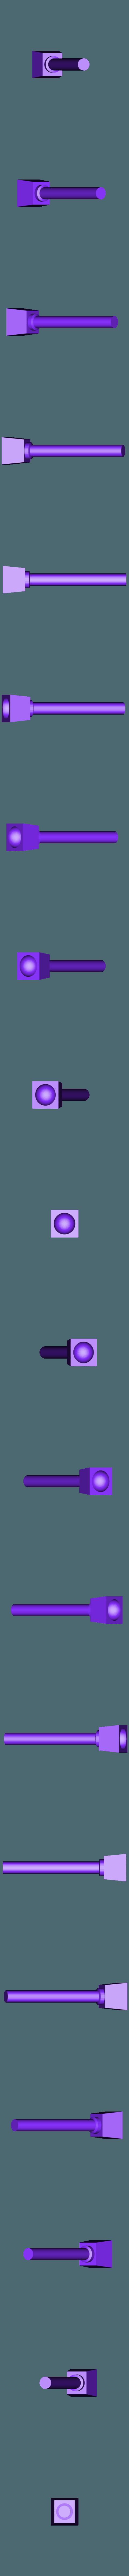 PistonRodFoot.stl Télécharger fichier STL gratuit Pistons ajustables pour les types de soldats interstellaires chez les chiens de guerre géants • Objet imprimable en 3D, FelixTheCrazy